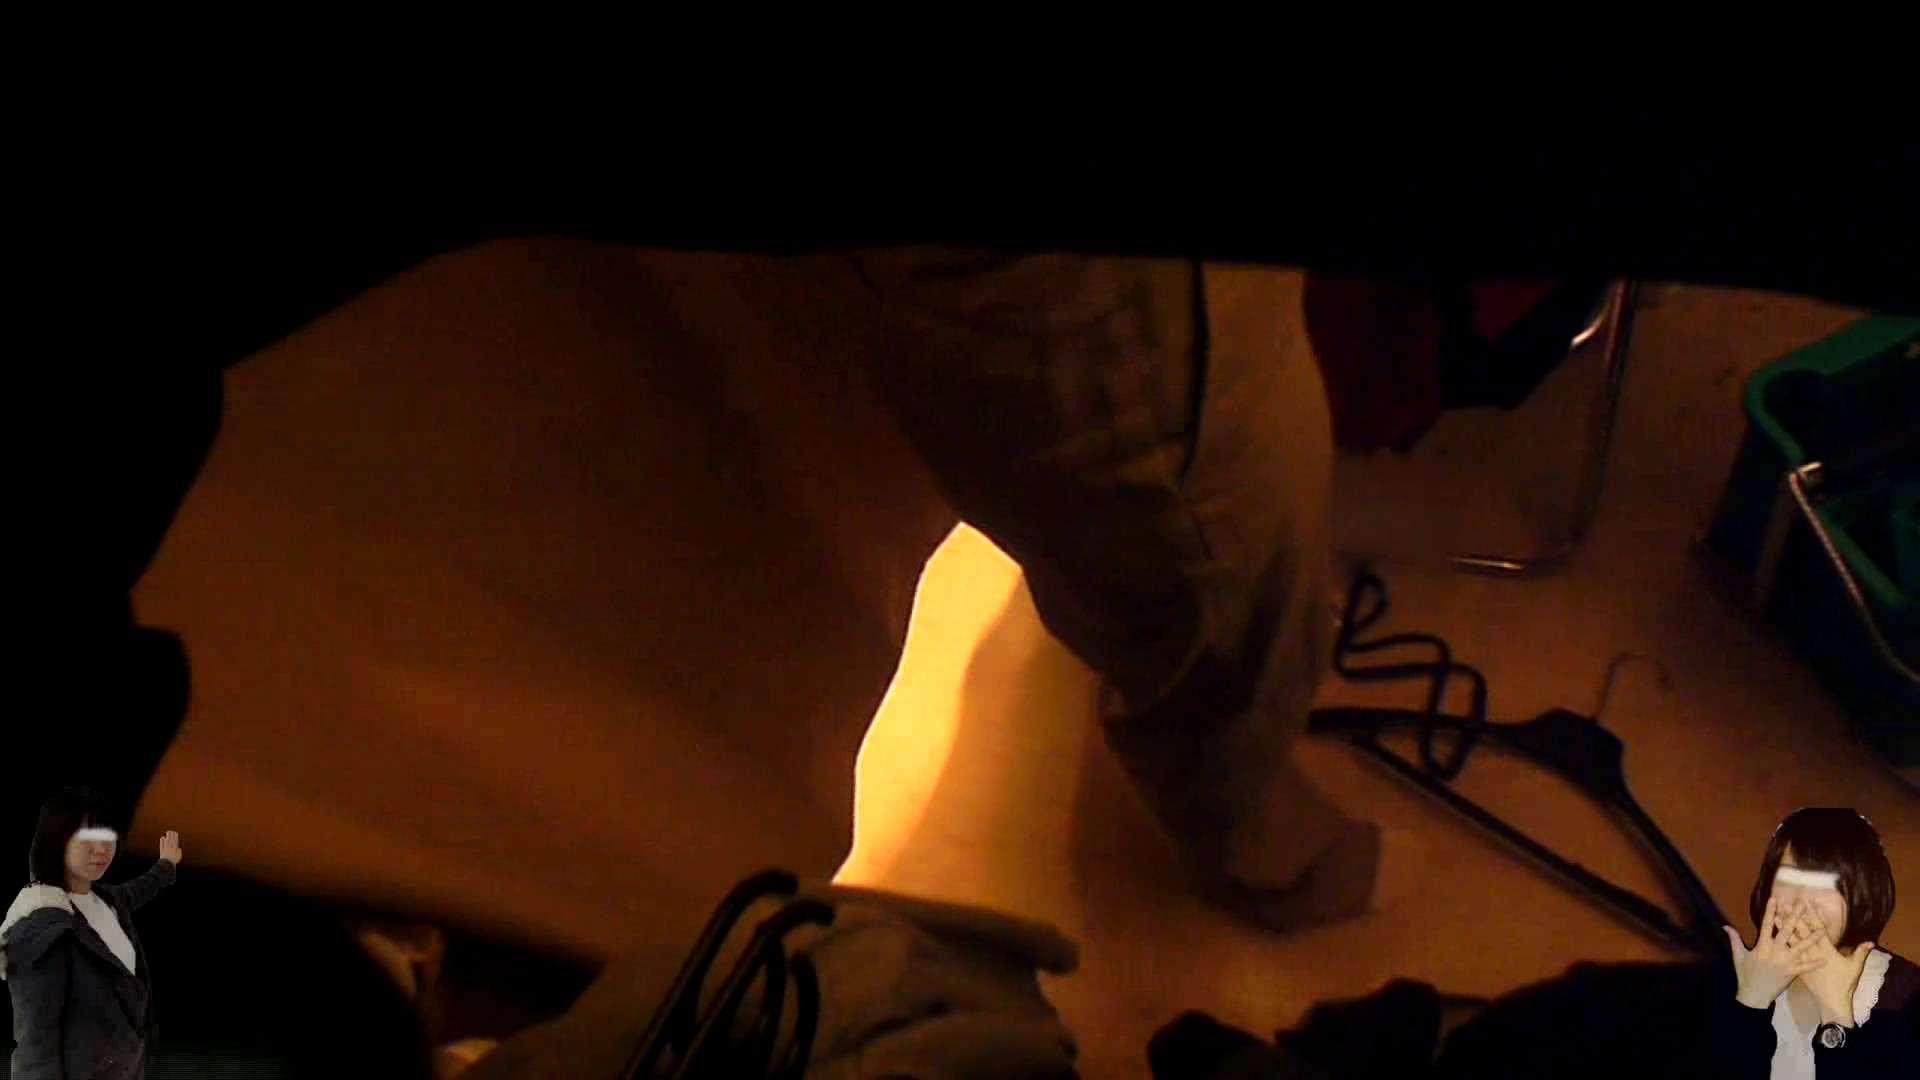 素人投稿 現役「JD」Eちゃんの着替え Vol.05 投稿   素人エロ投稿  111画像 77